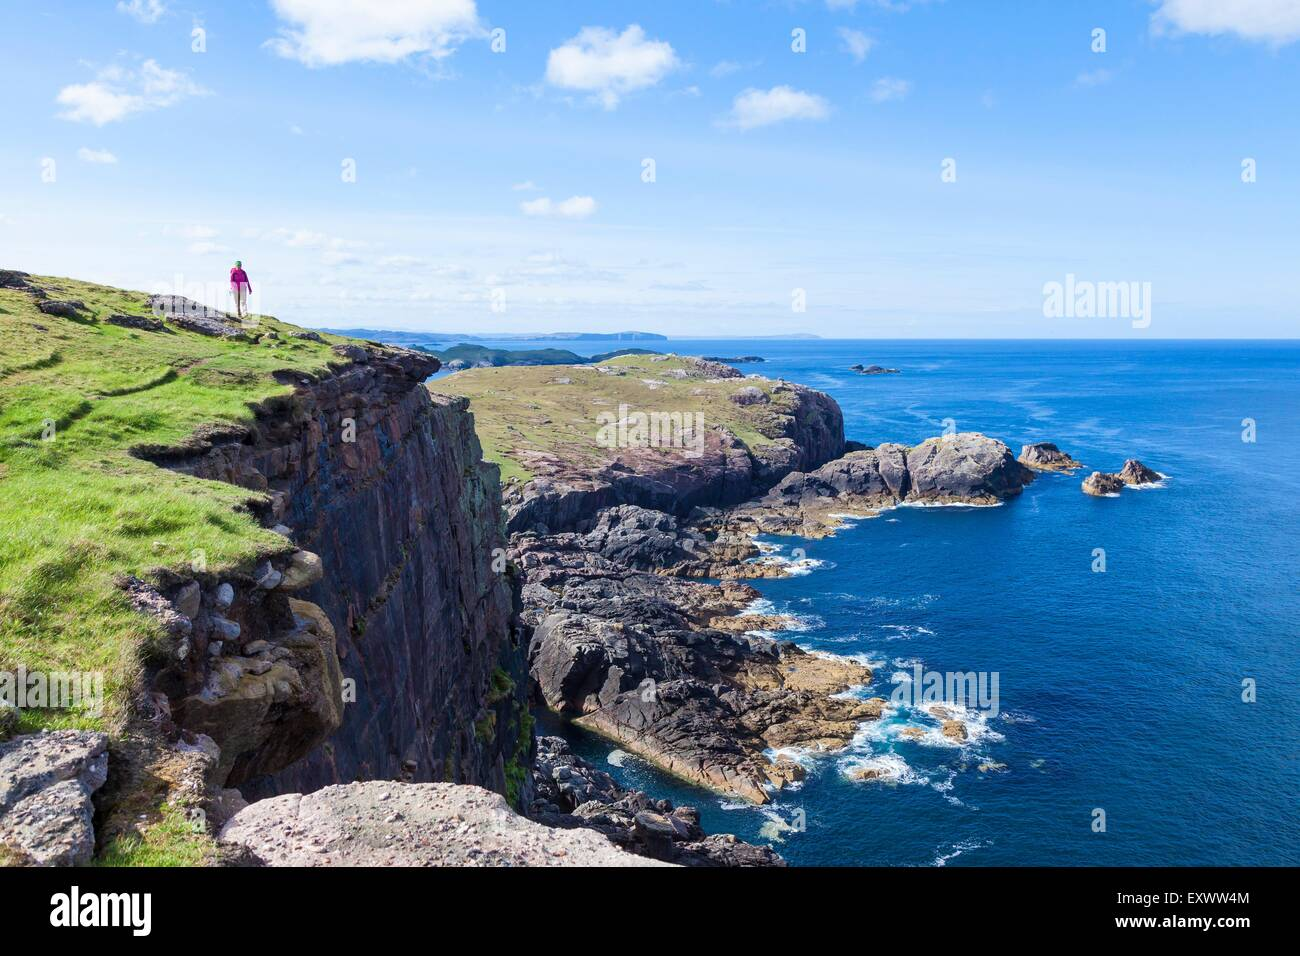 Sulla costa nord-occidentale della Scozia a Kinlochbervie Foto Stock